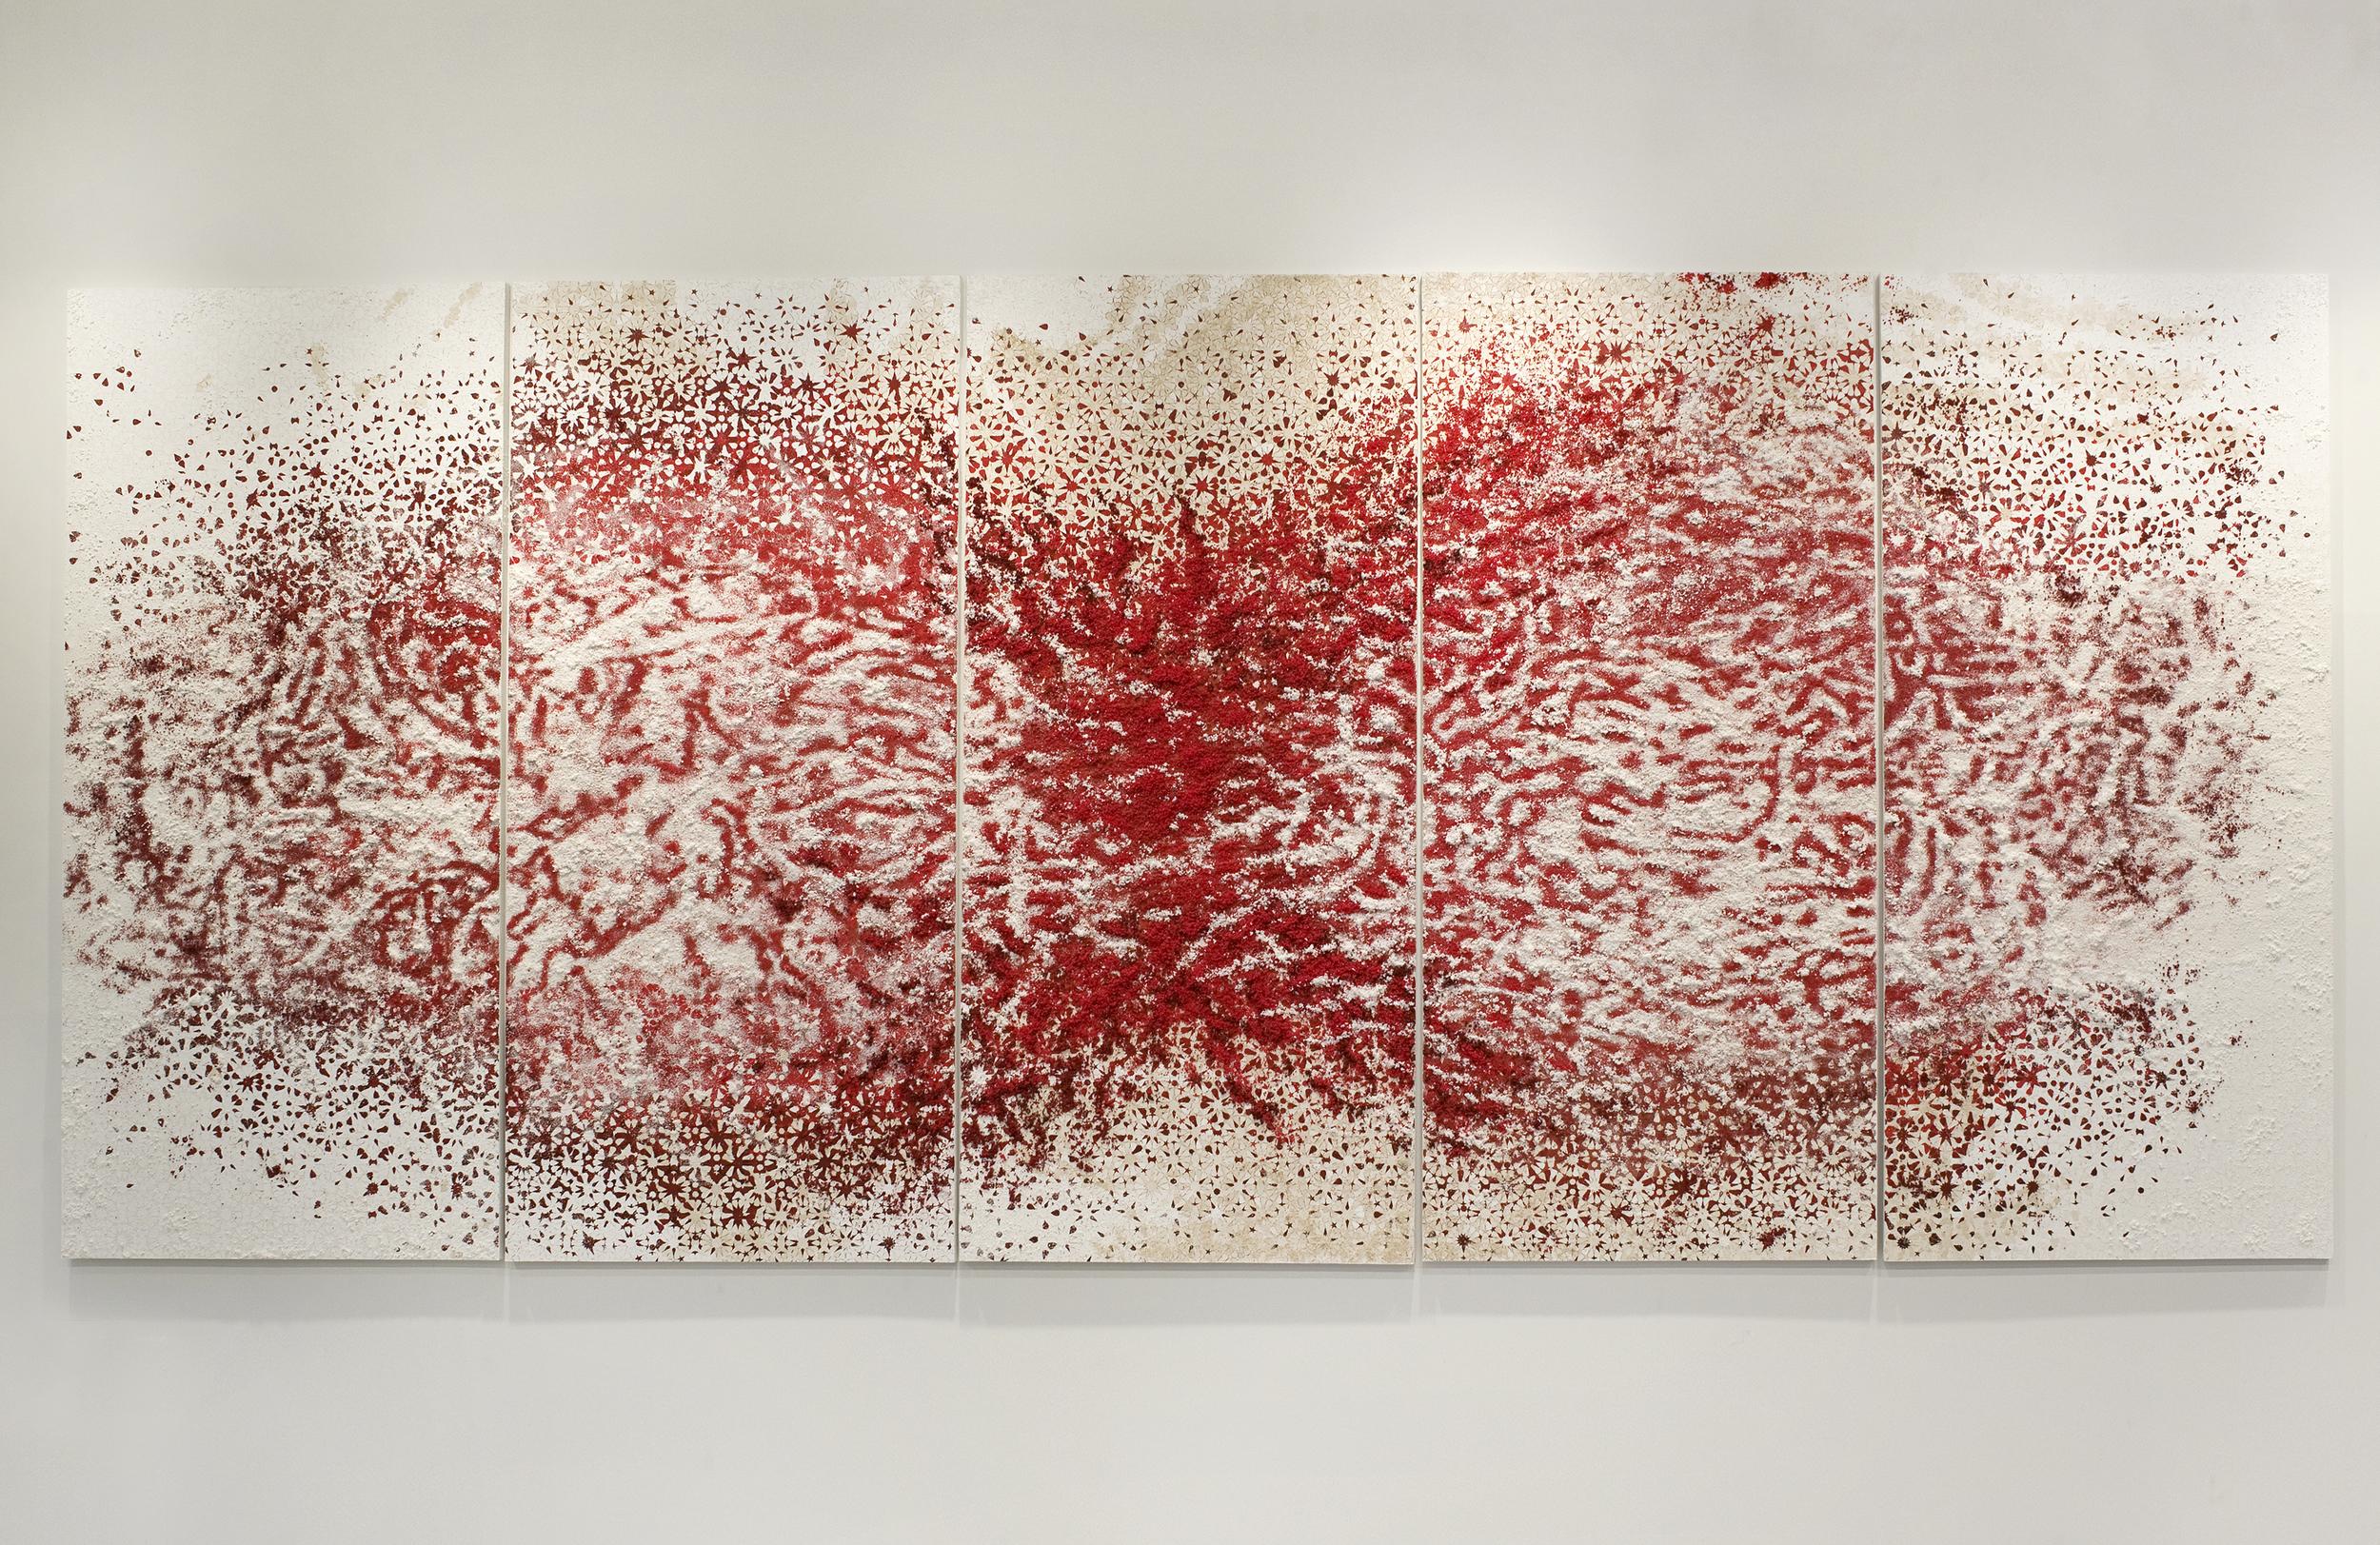 Yasmina_Alaoui_5_panel_red_large.jpg